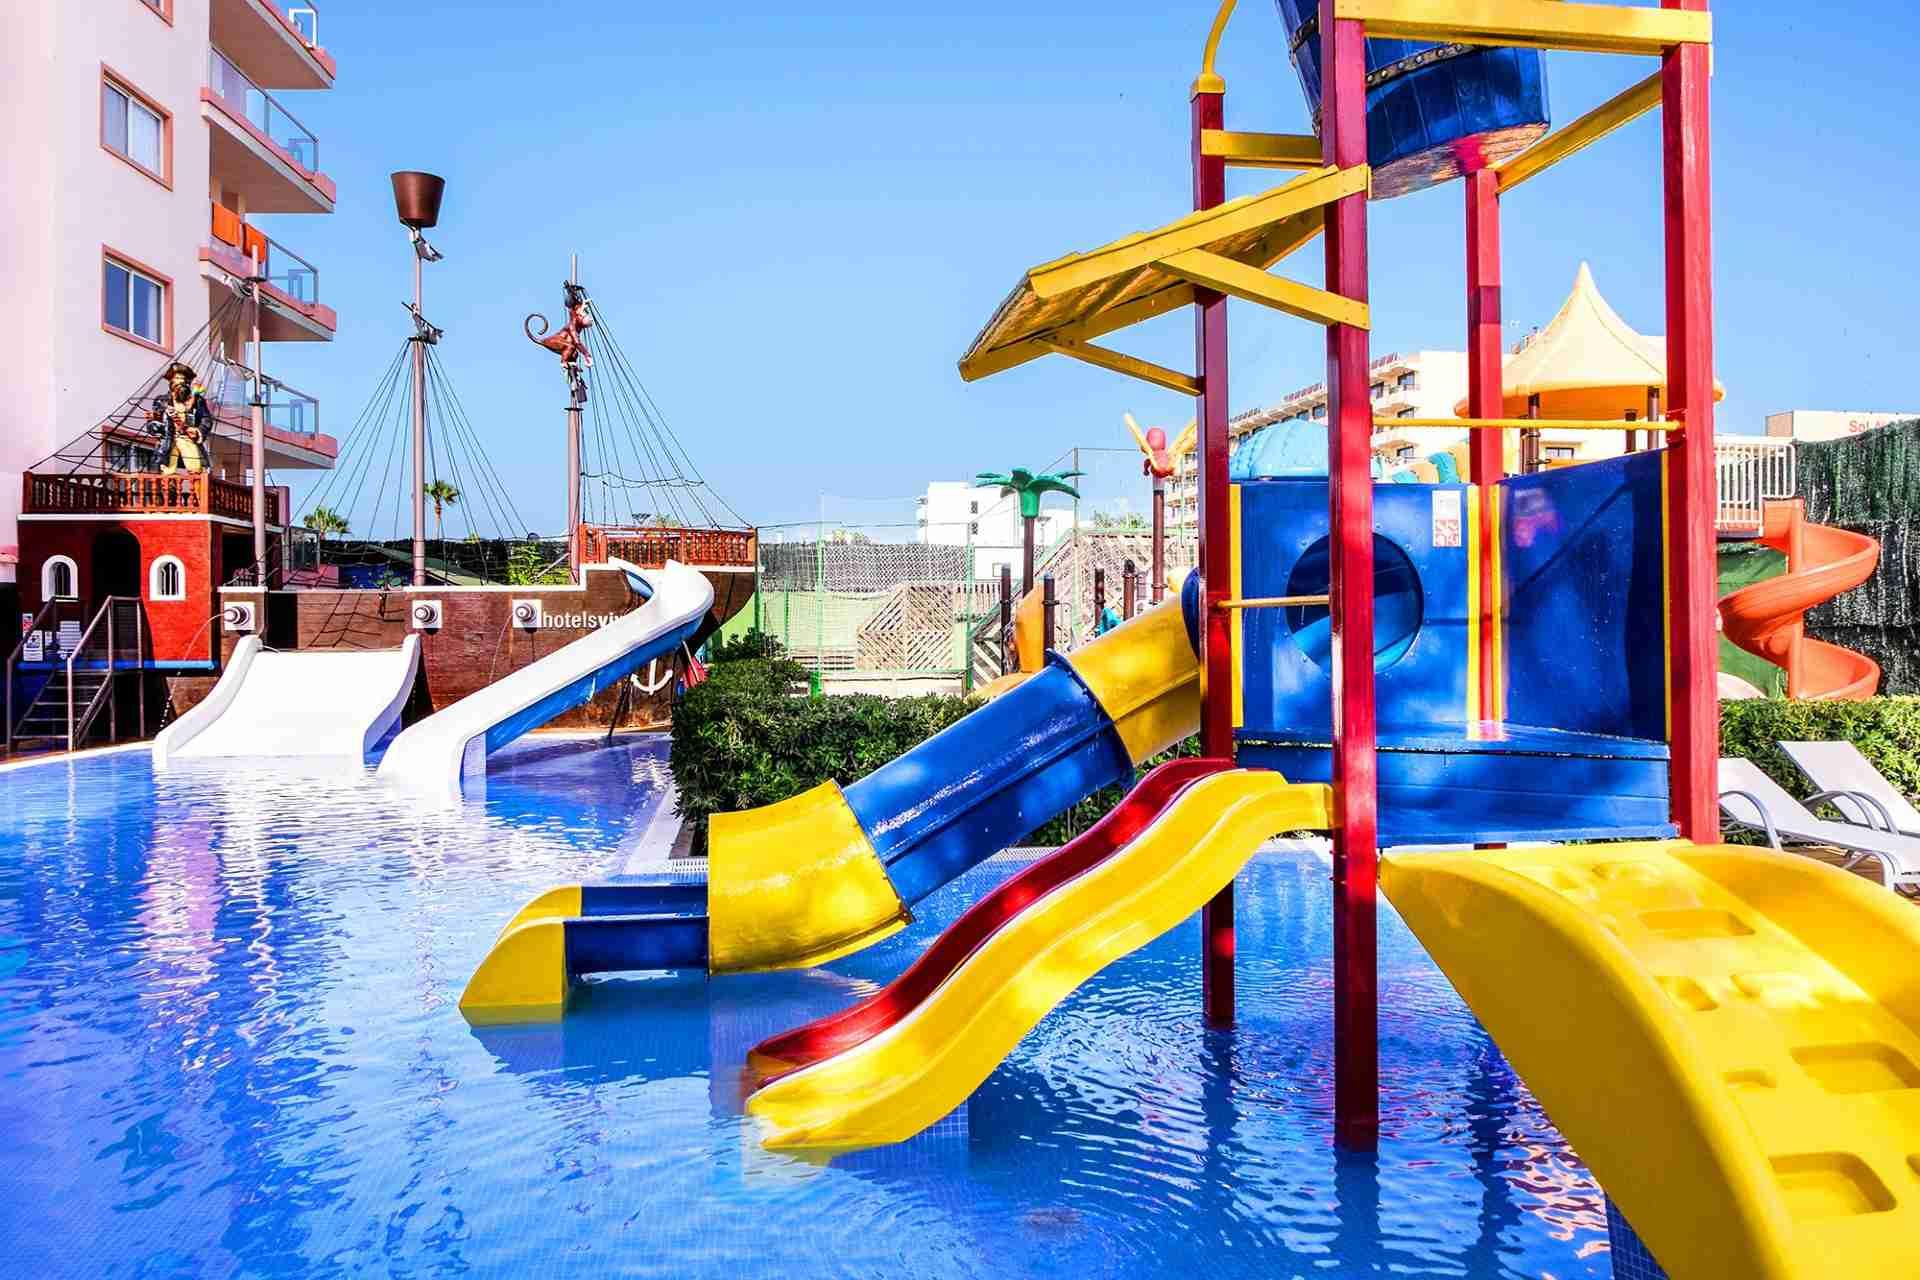 hoteles con piscina y toboganes